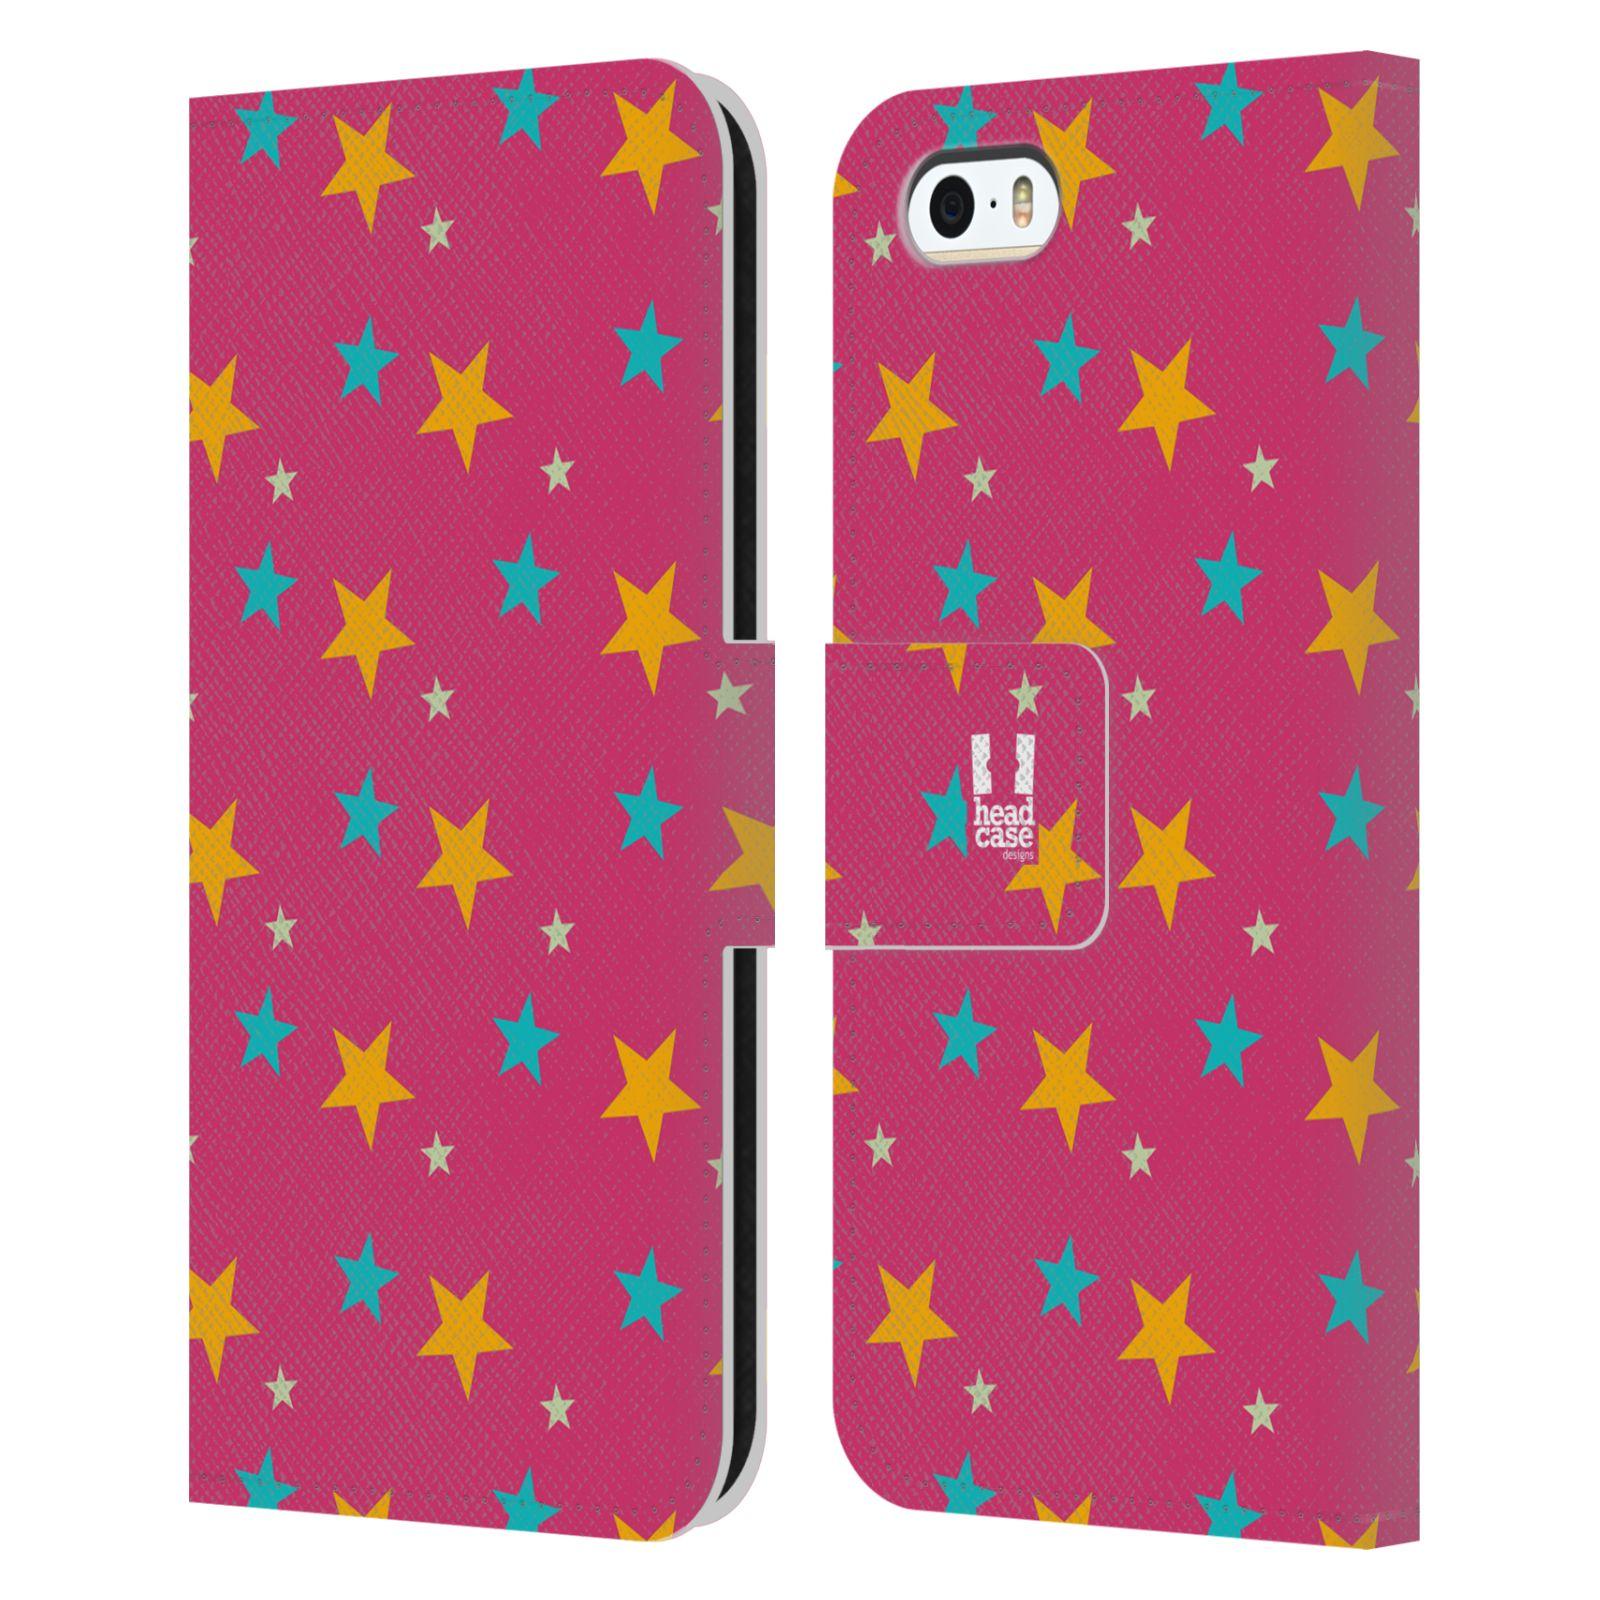 HEAD CASE Flipové pouzdro pro mobil Apple Iphone 5/5s vzor hvězdičky růžová a žlutá